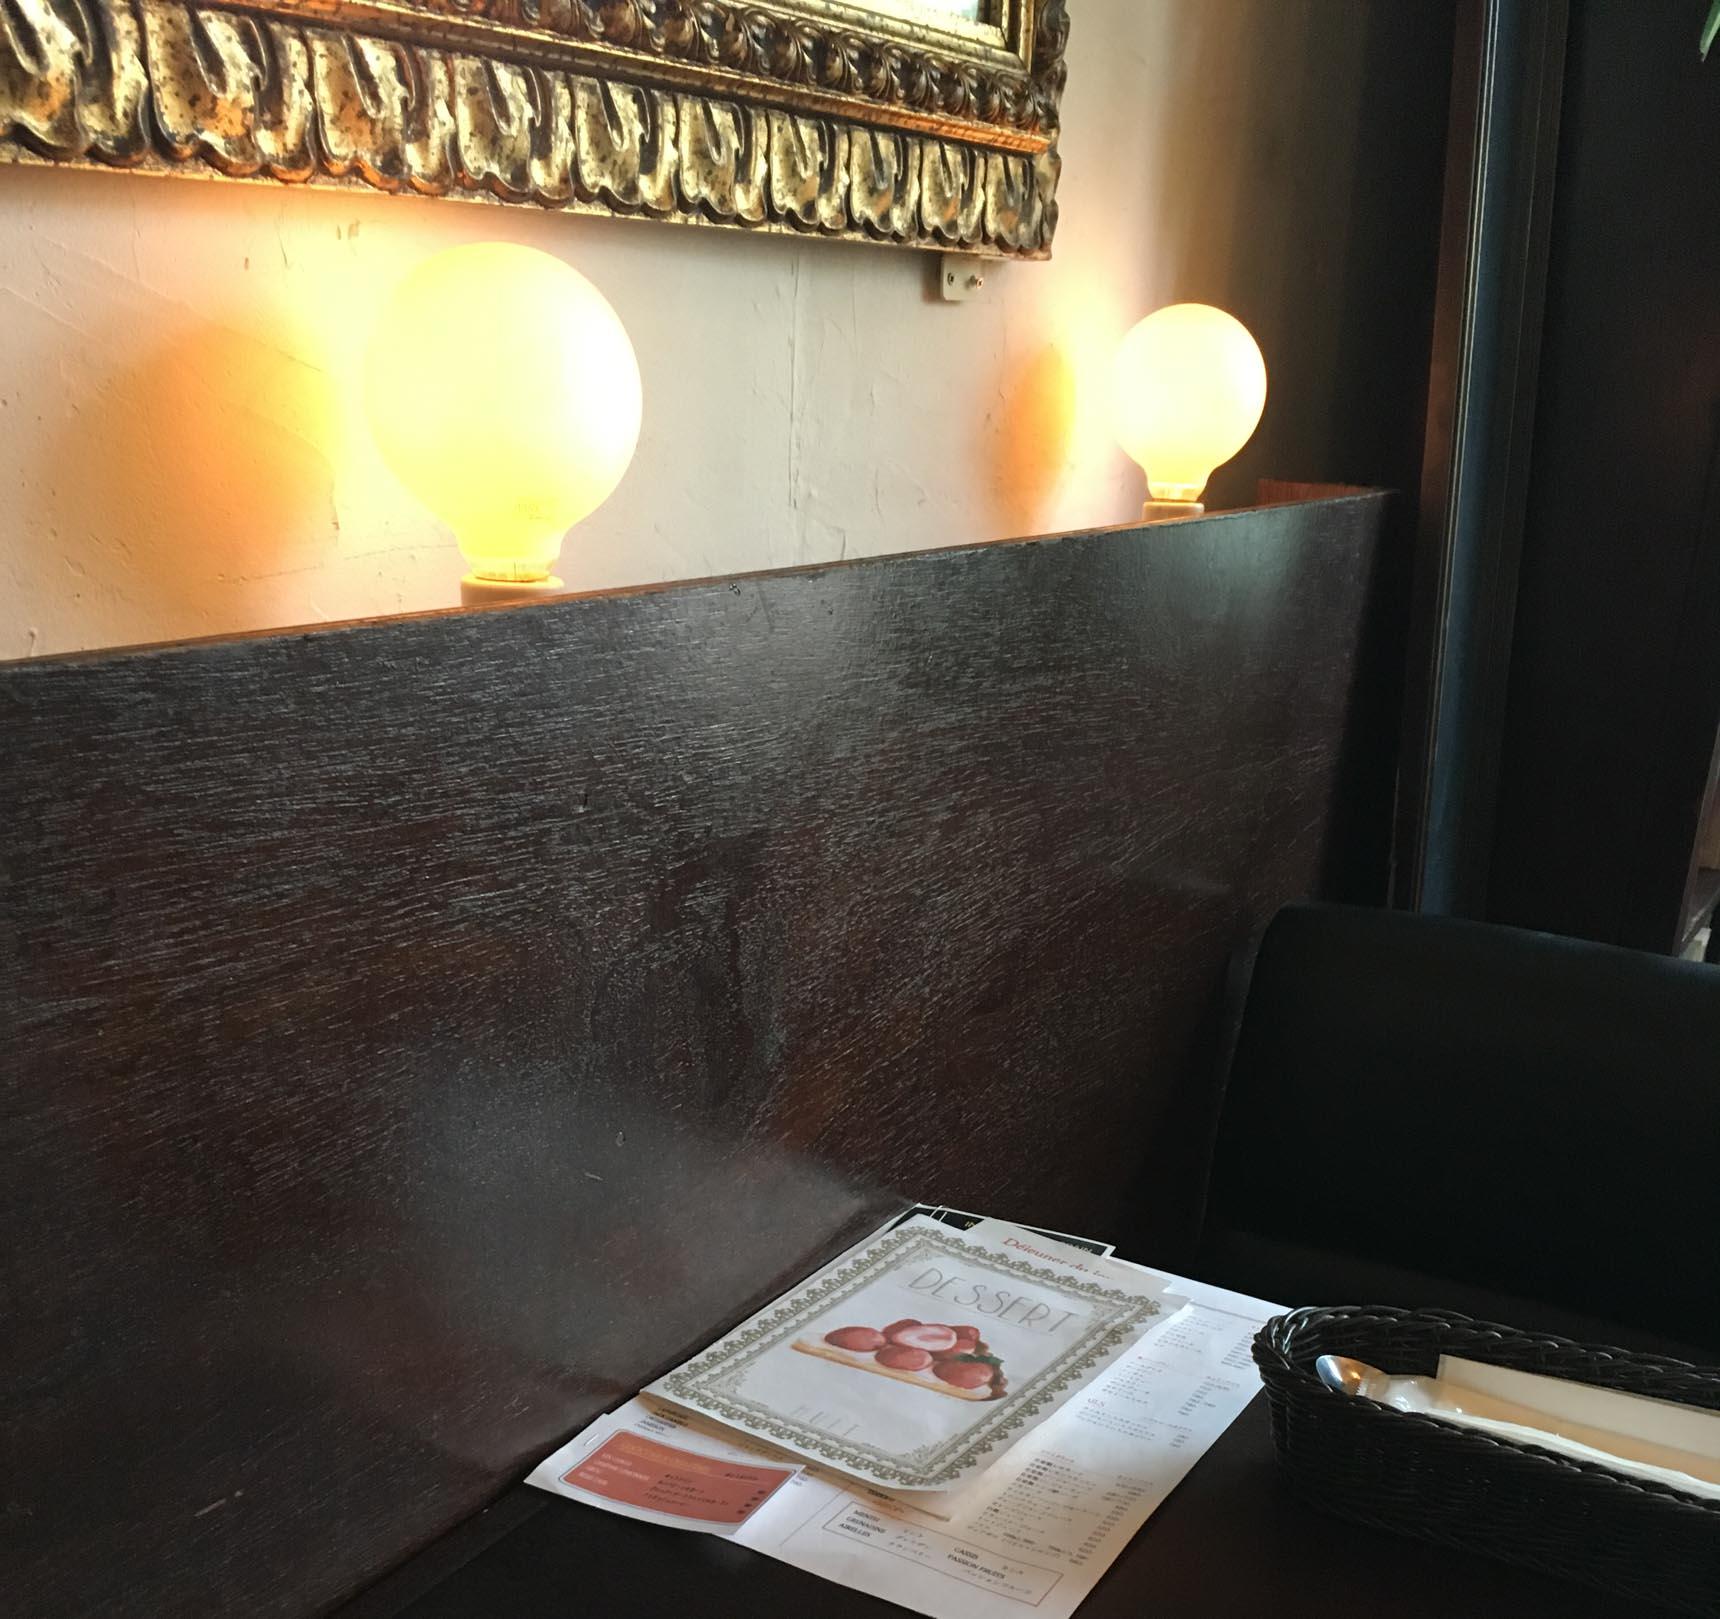 通していただいたのは壁側の席。店内の装飾も重厚な中に遊び心があって楽しい。